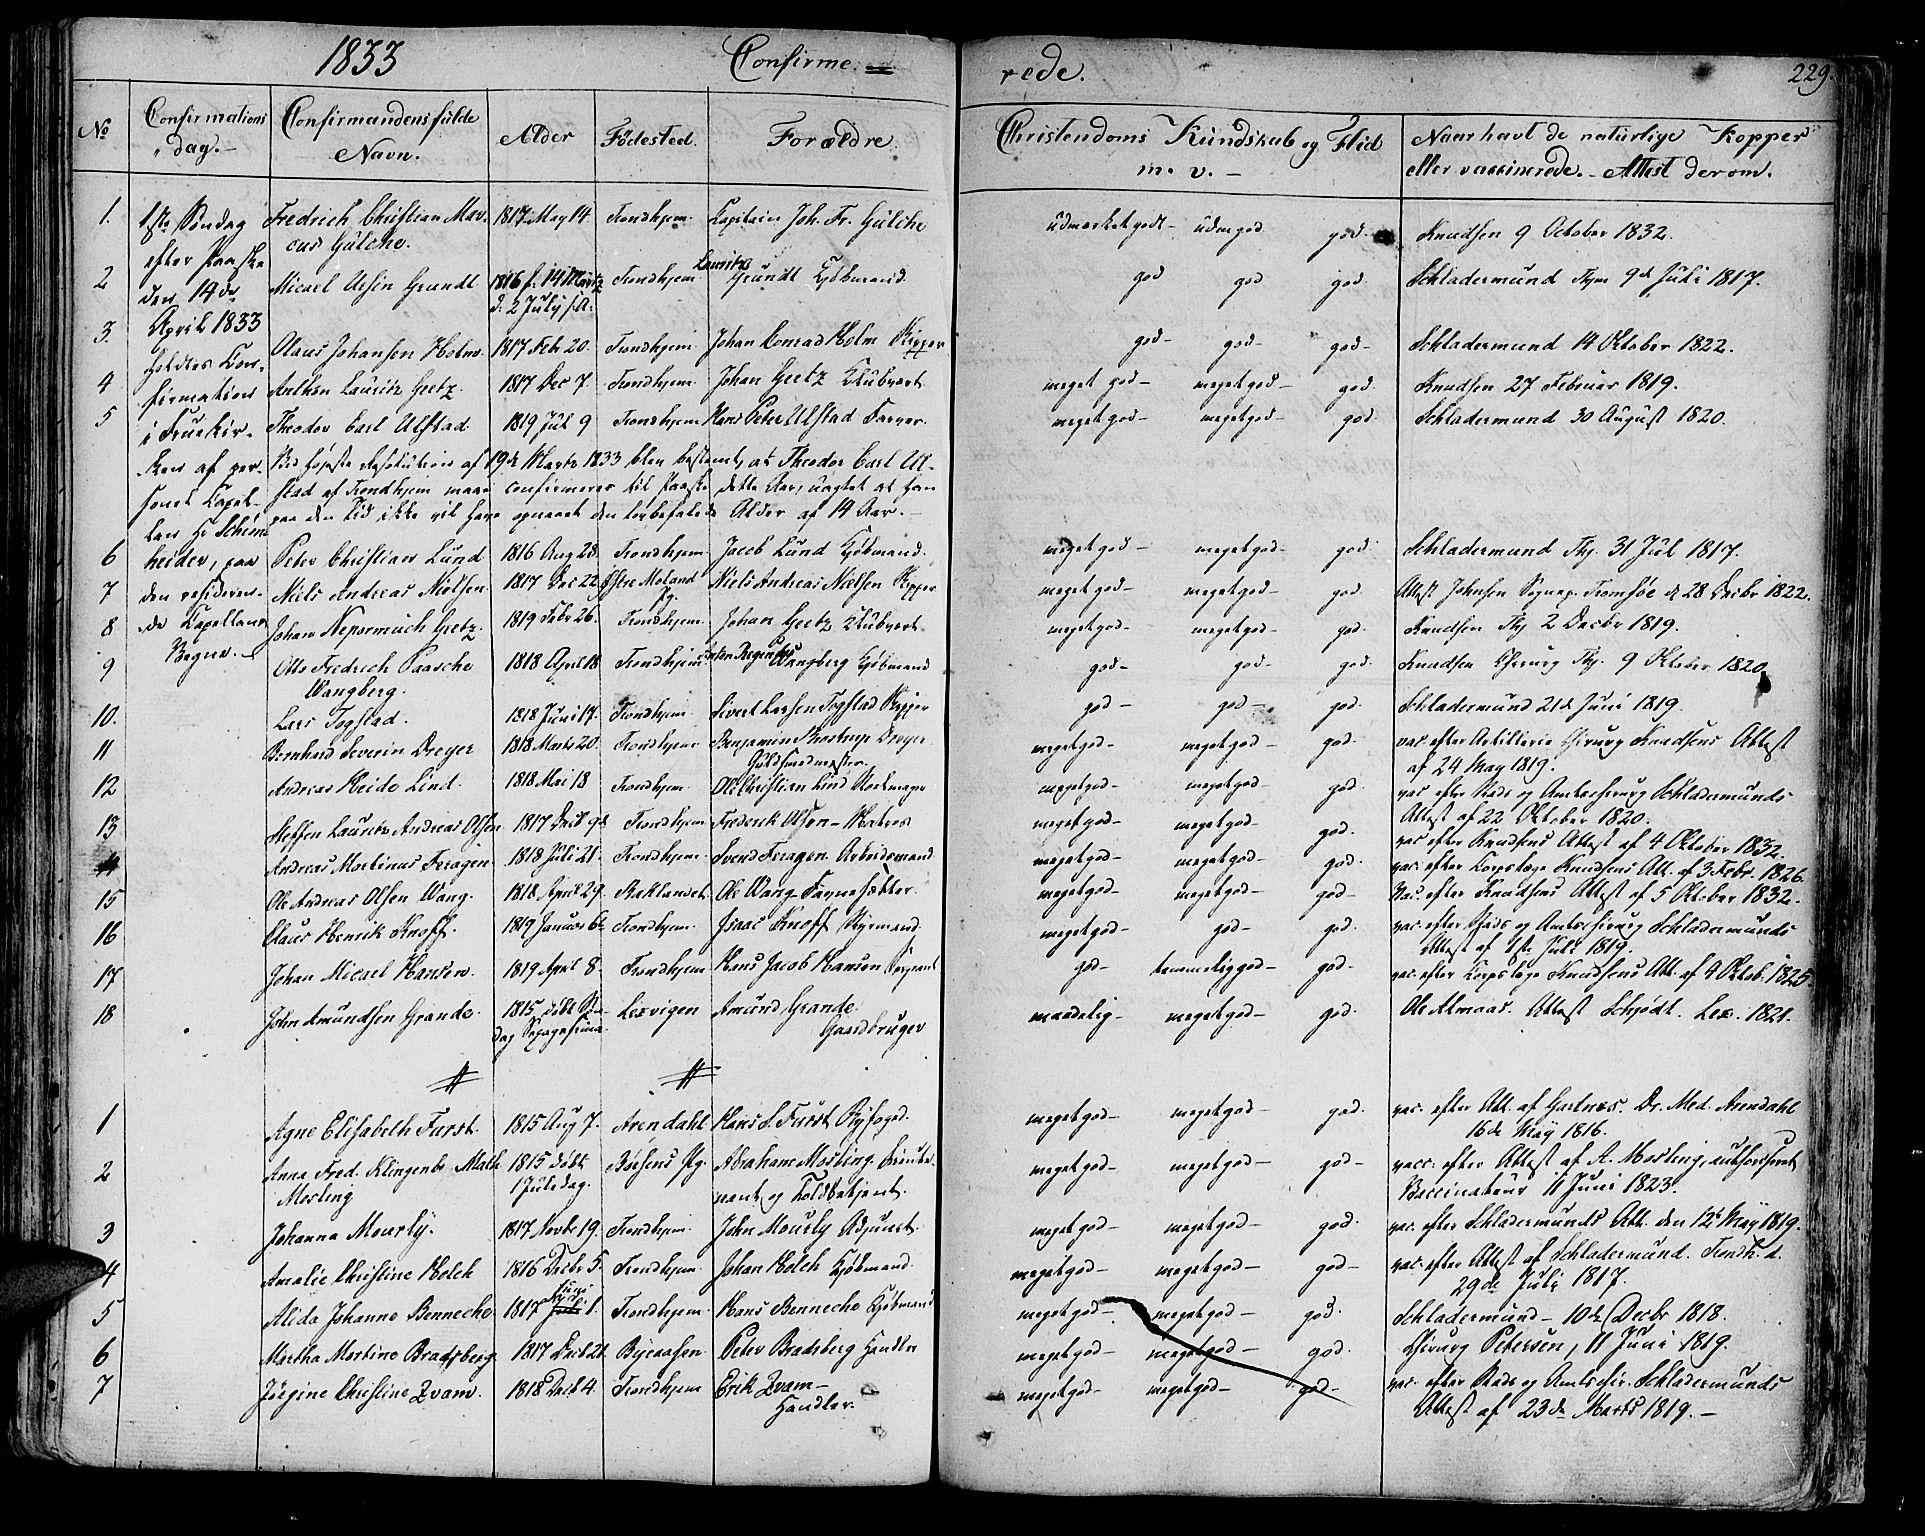 SAT, Ministerialprotokoller, klokkerbøker og fødselsregistre - Sør-Trøndelag, 602/L0108: Ministerialbok nr. 602A06, 1821-1839, s. 229